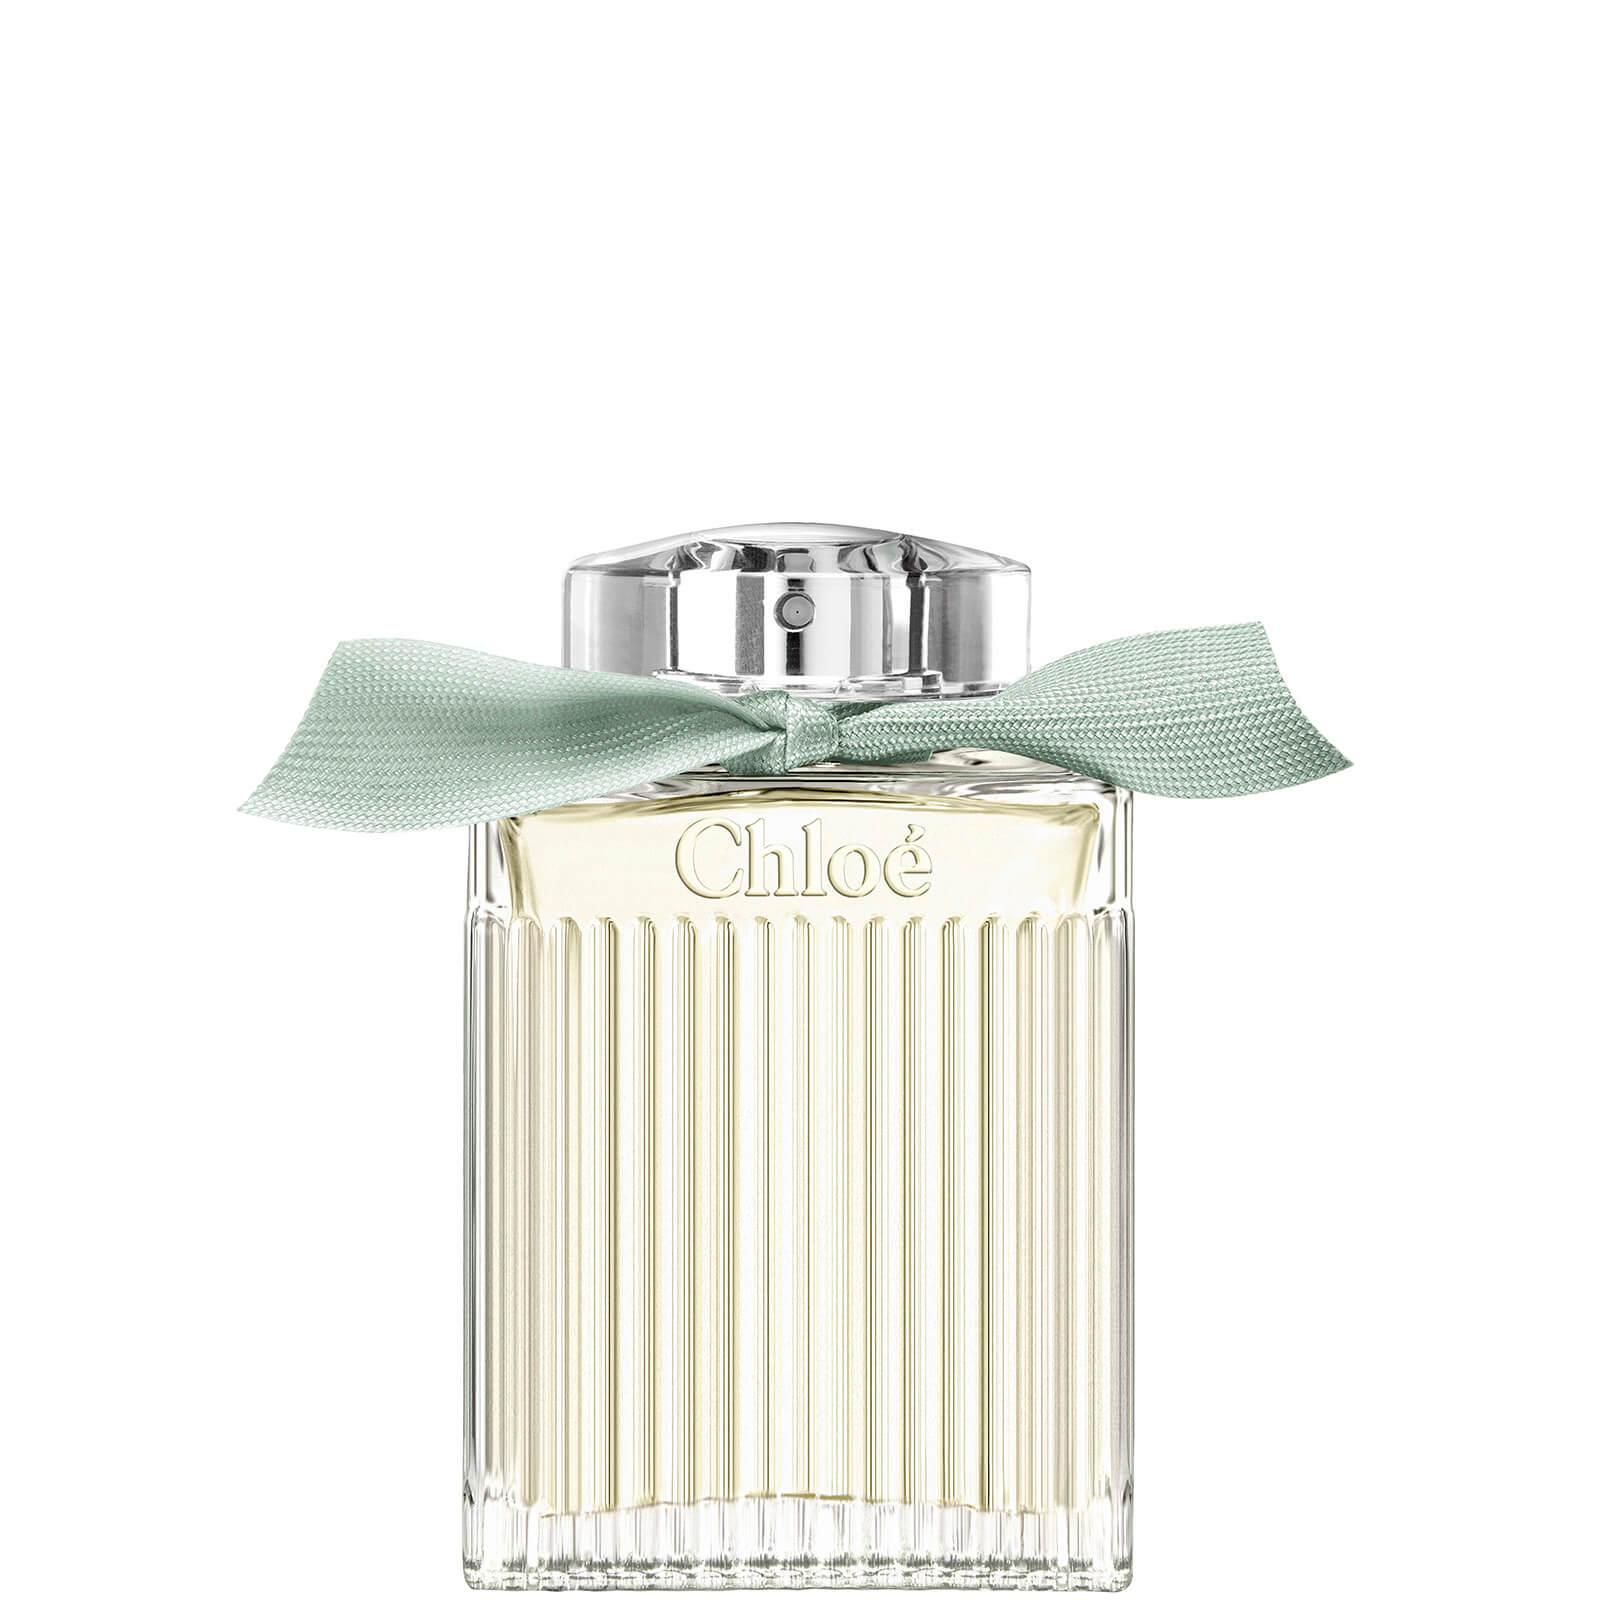 Купить Chloé Eau de Parfum Naturelle 100ml